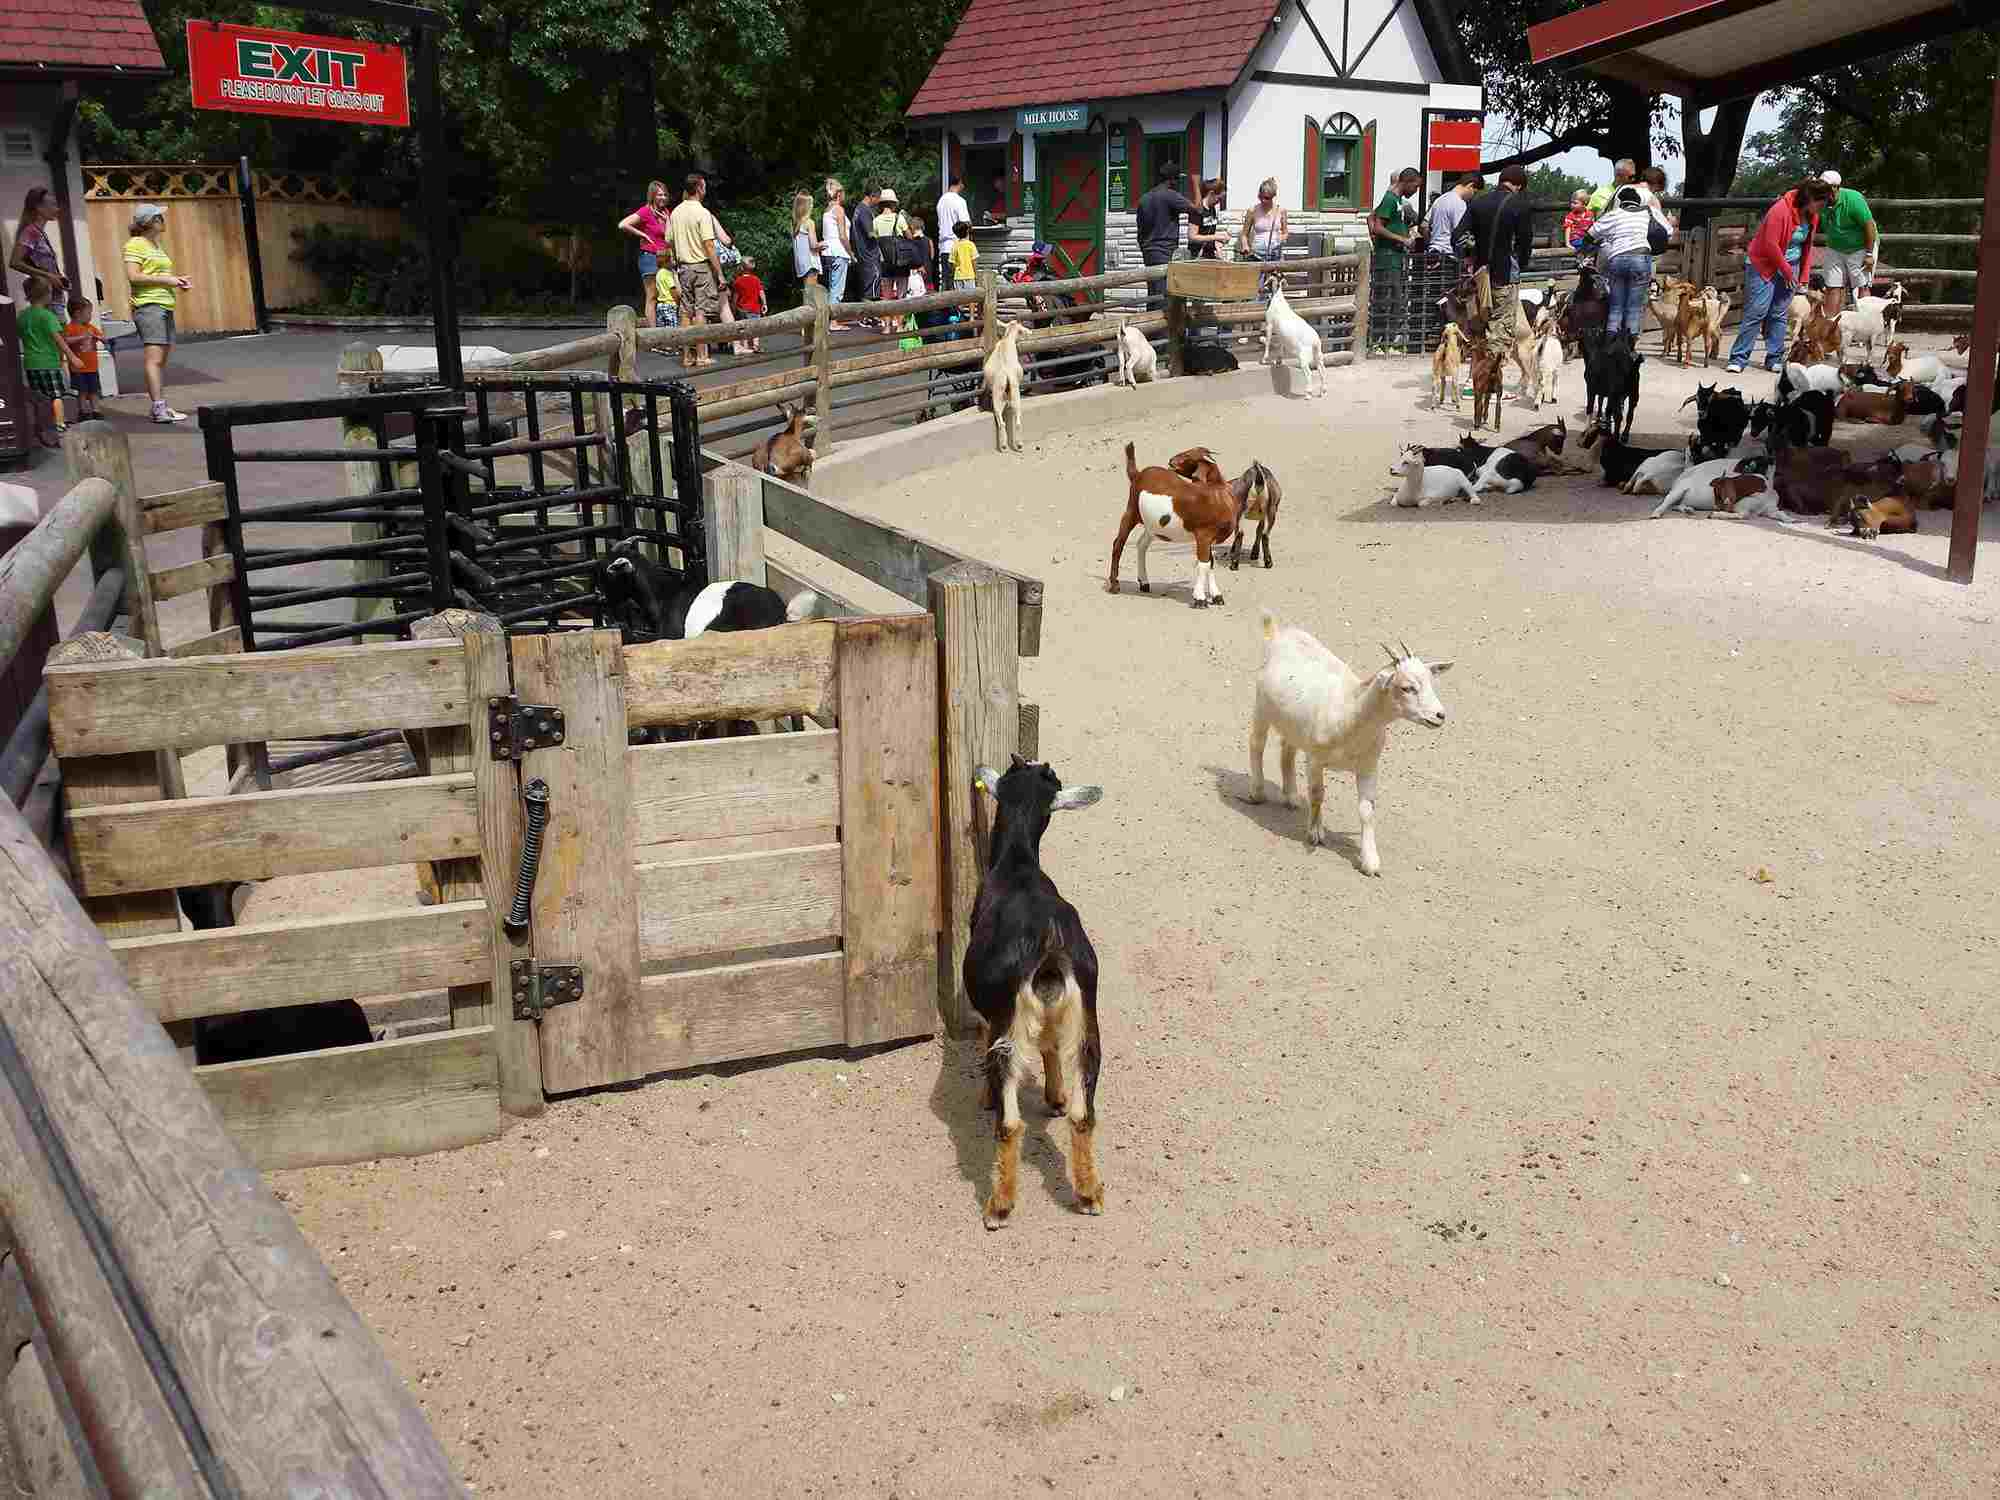 Animales en el parque de Grant